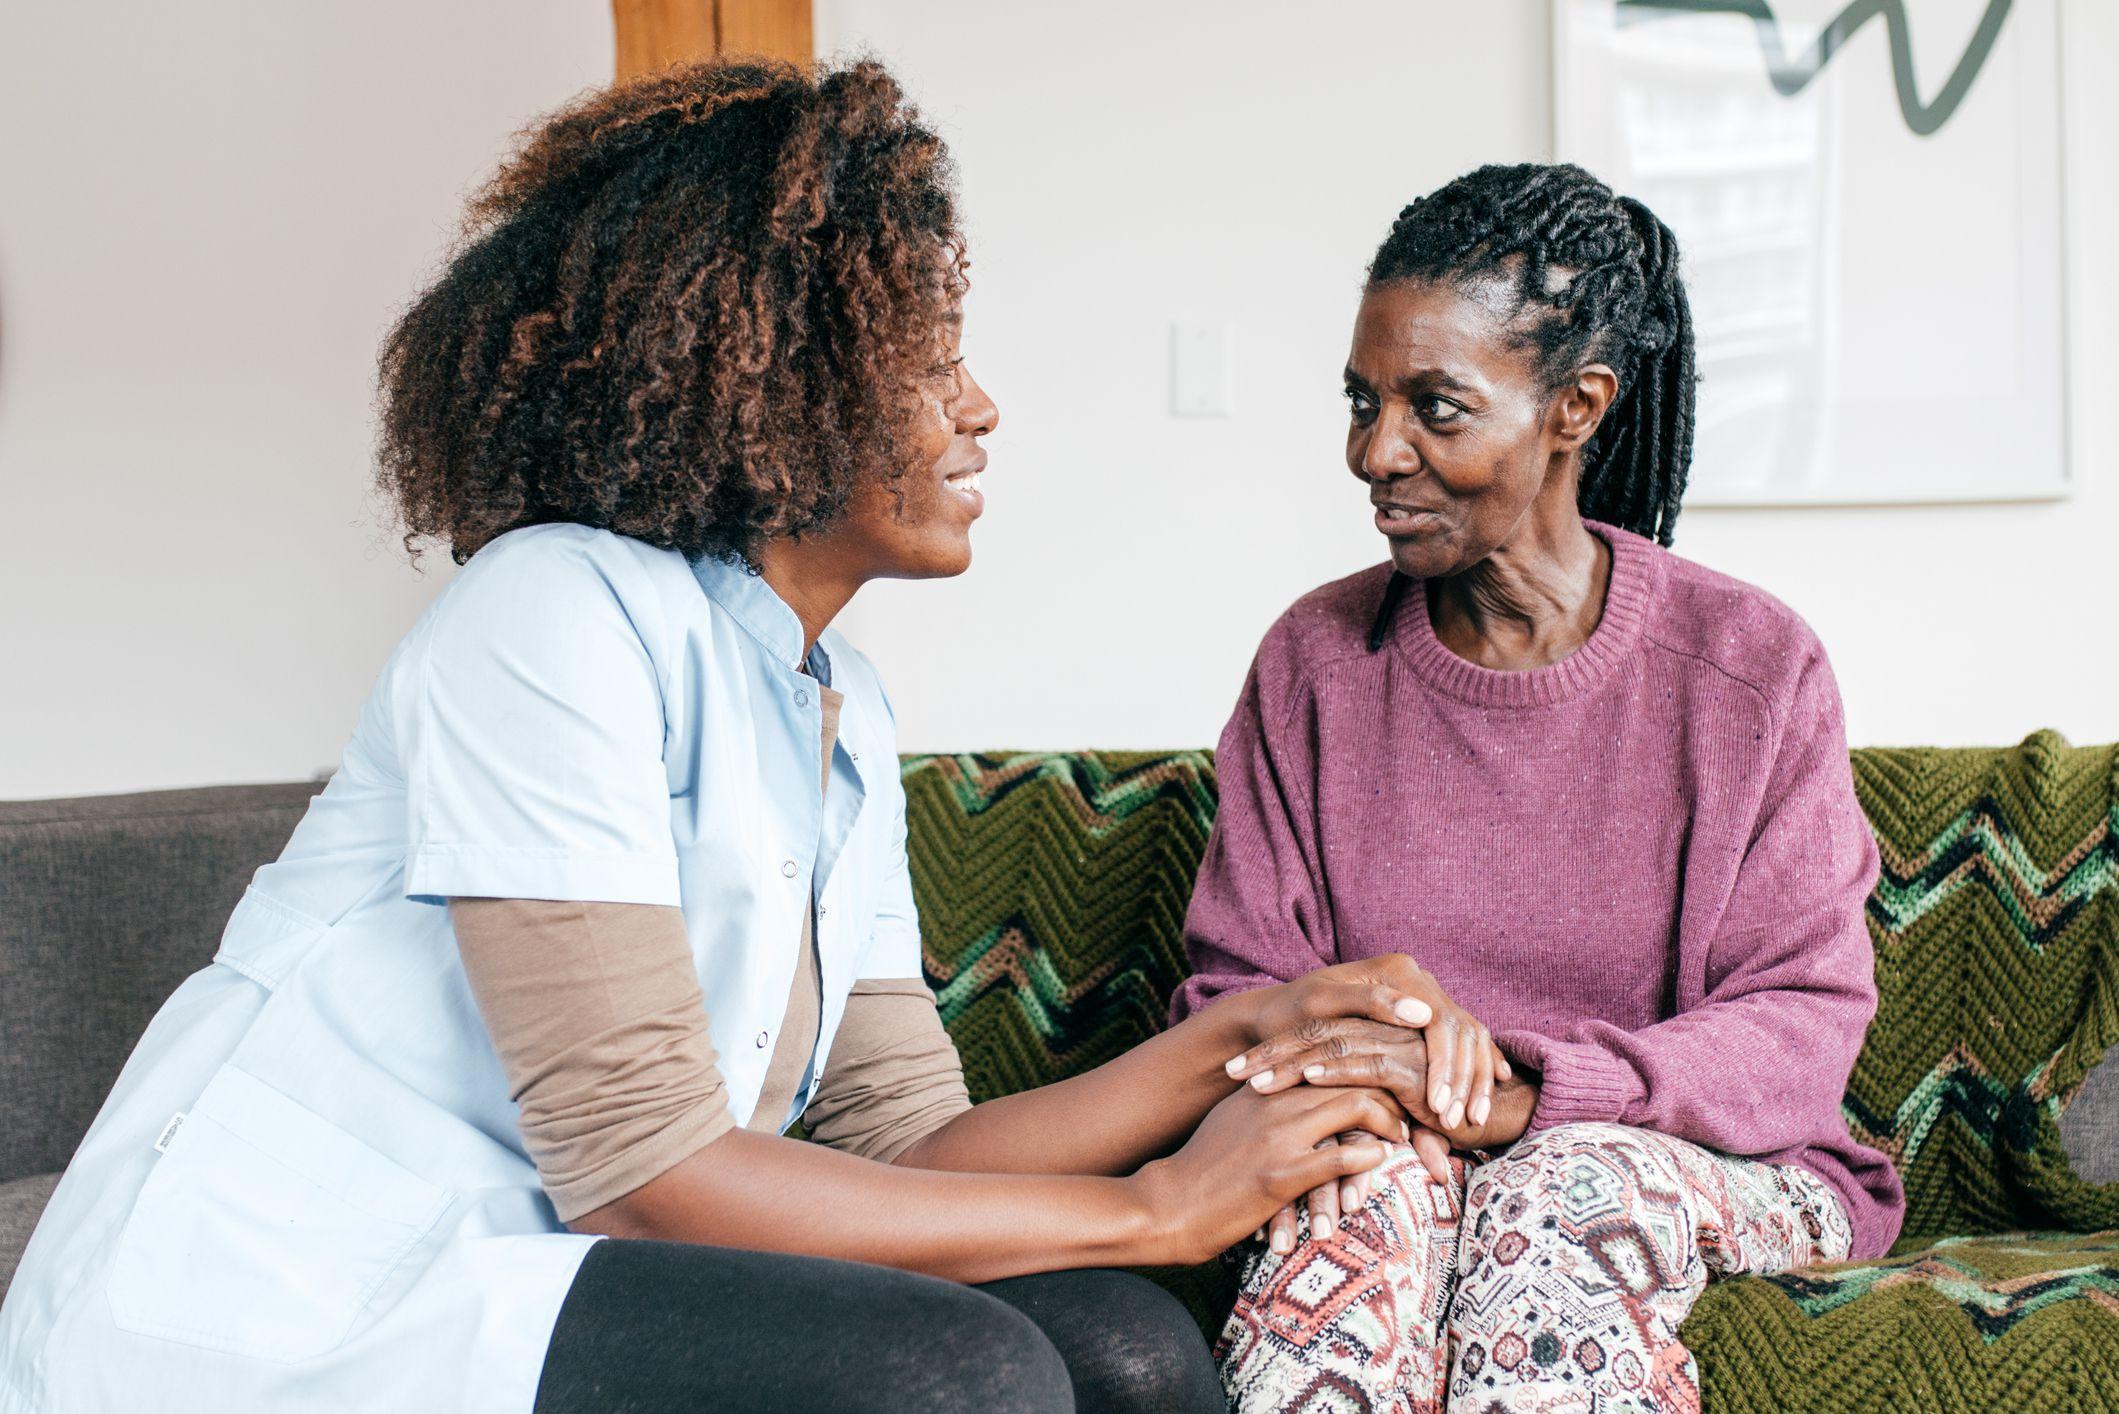 Aprenda em 5 passos como lidar com idosos com demência